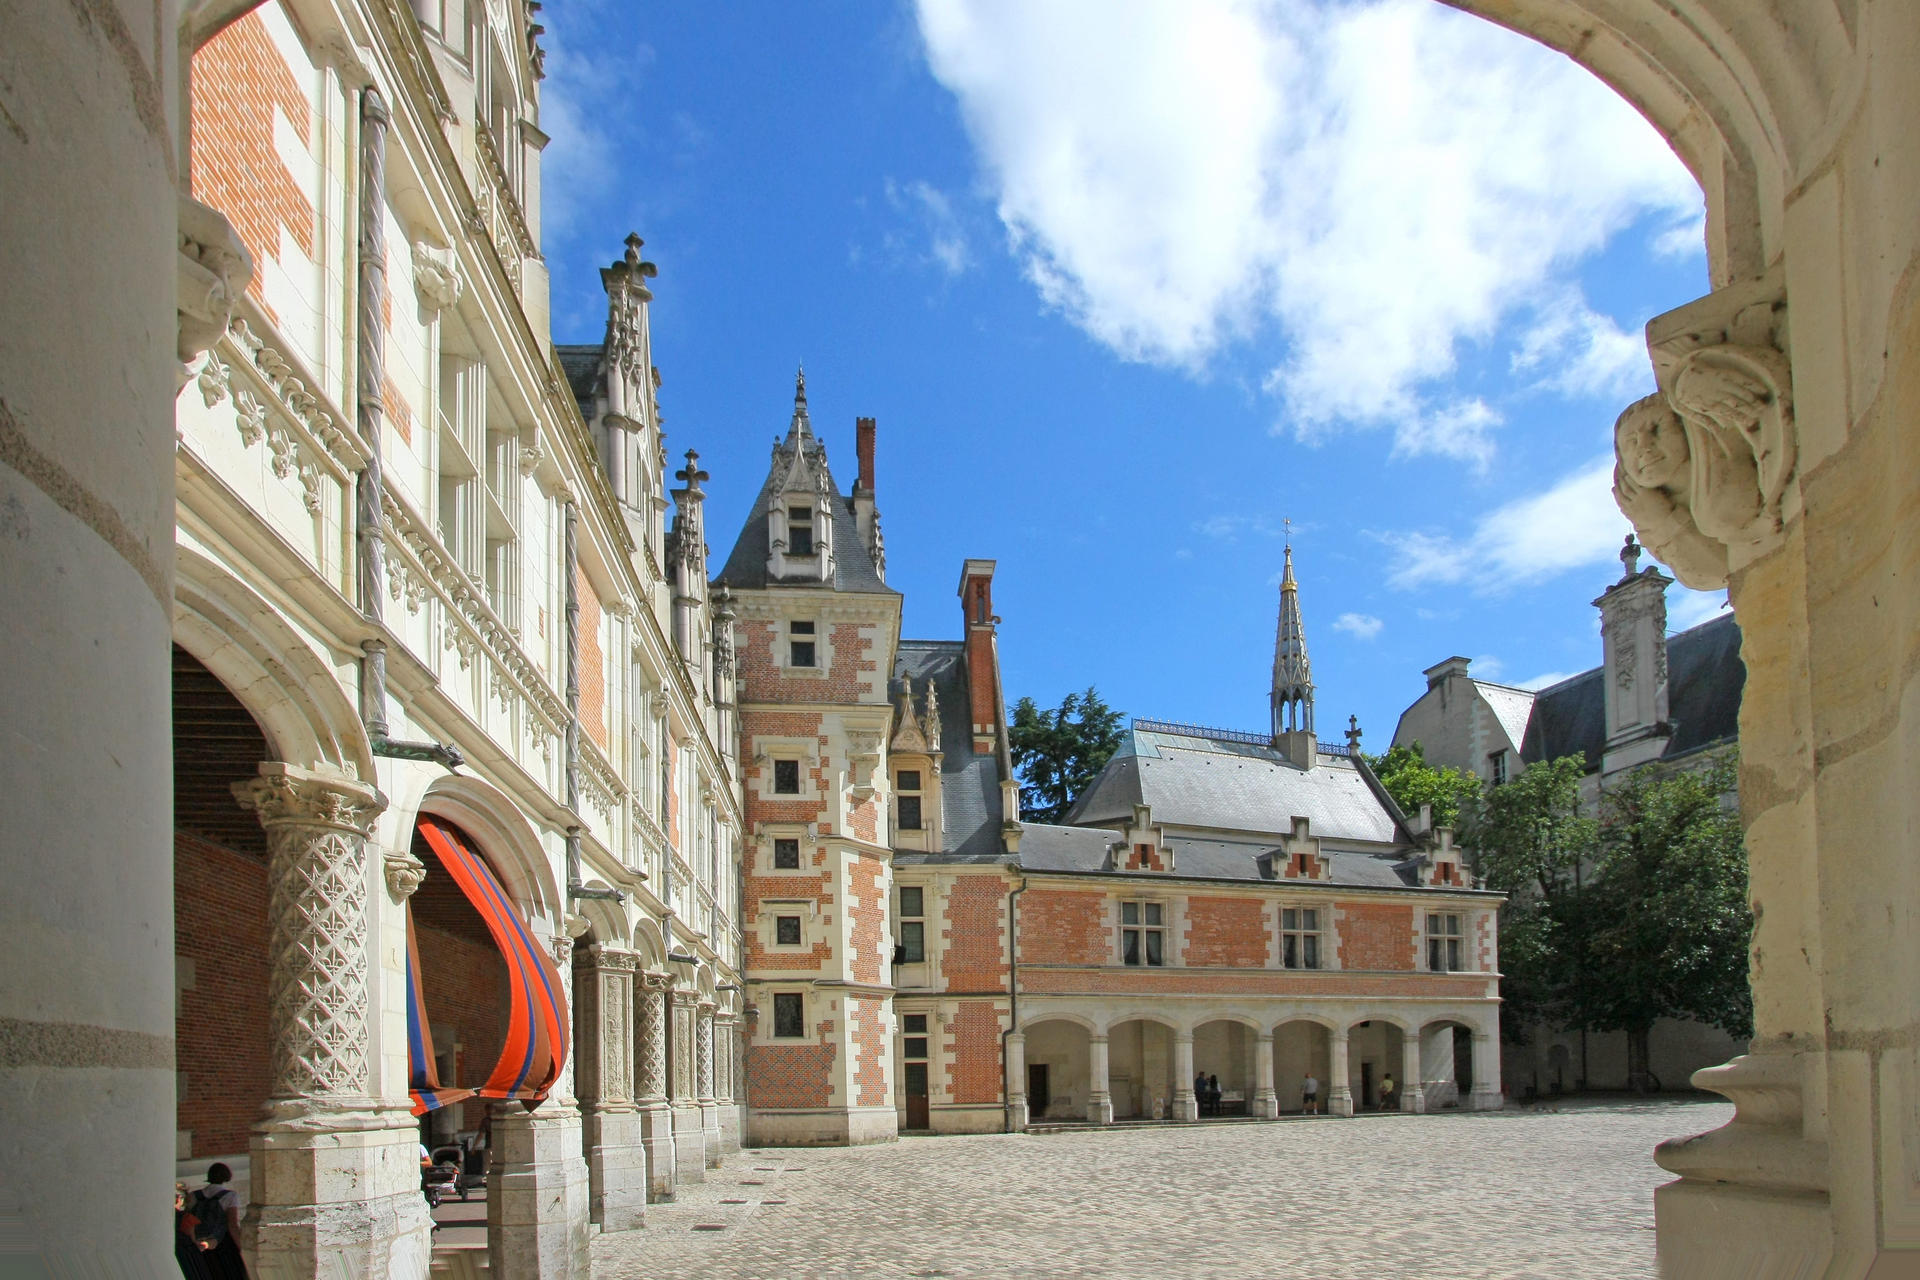 Les 4 styles ch teau royal de blois for Les salons du chateau